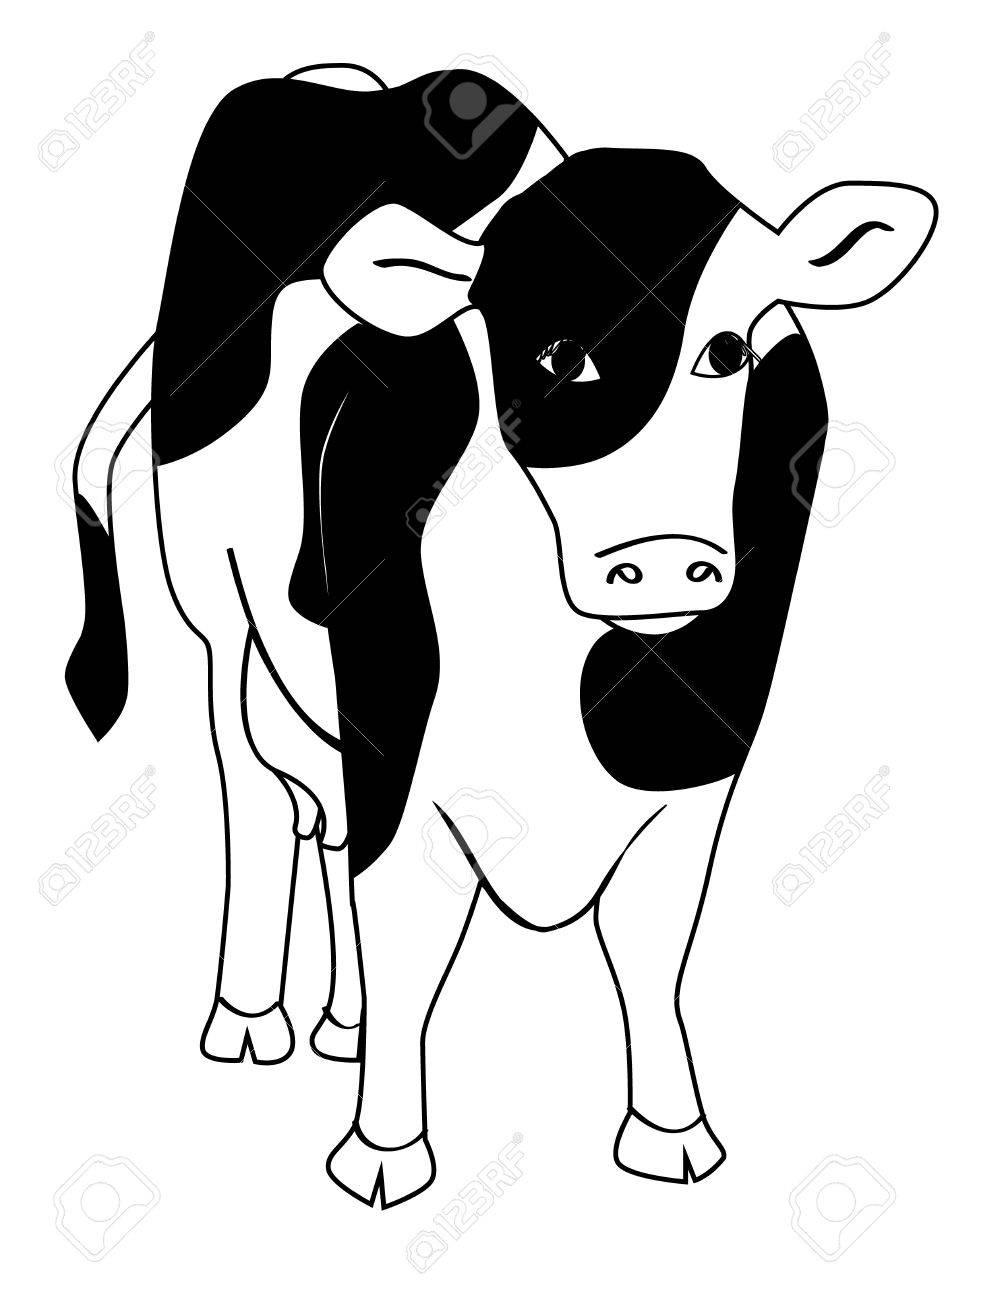 乳牛のイラストのイラスト素材ベクタ Image 9362777